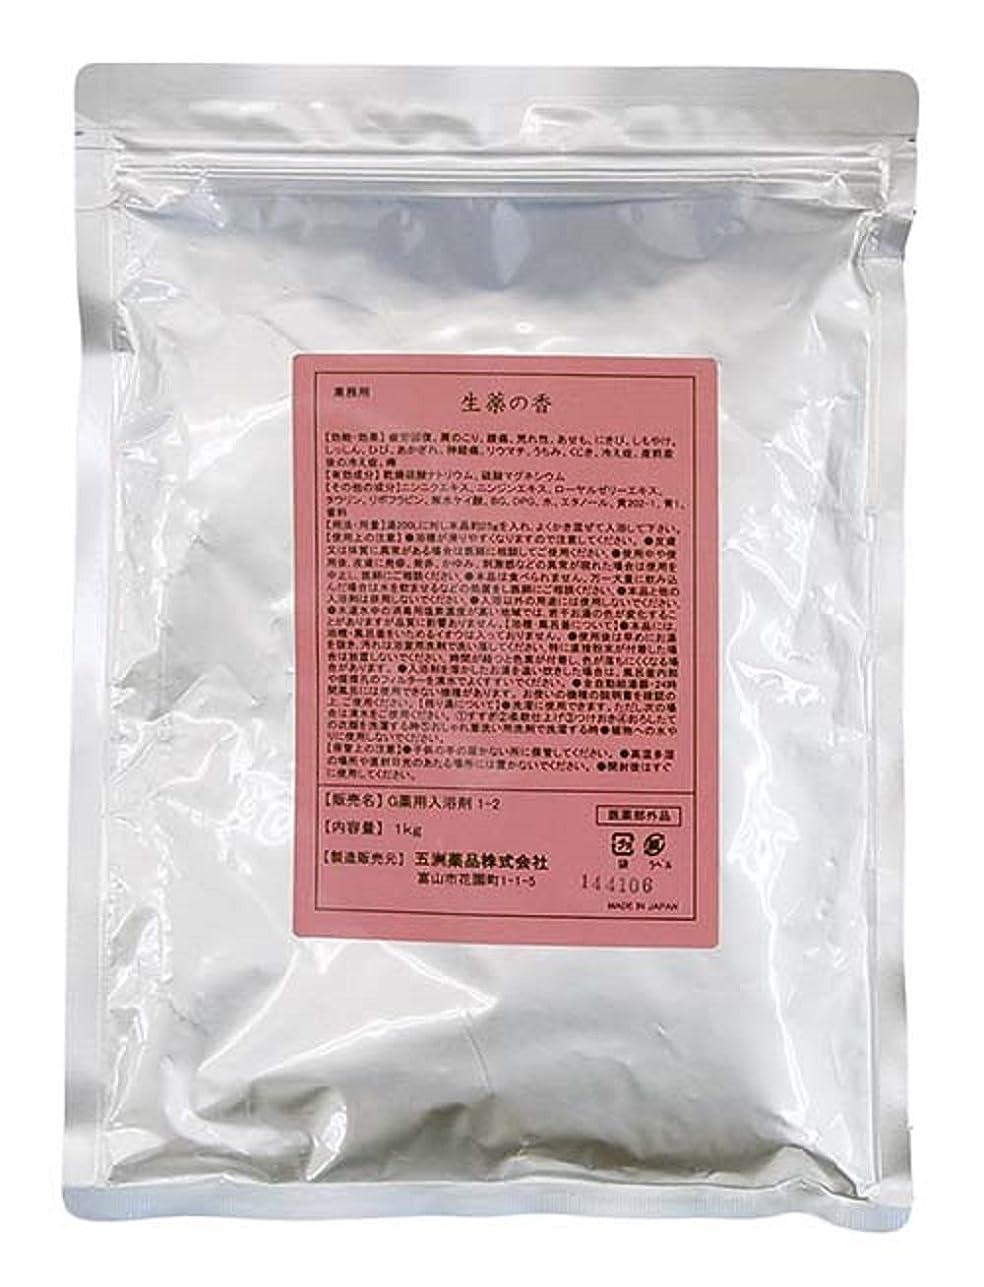 ハーフ集計勝利した薬用入浴剤 業務用 生薬の香 1kg [医薬部外品]